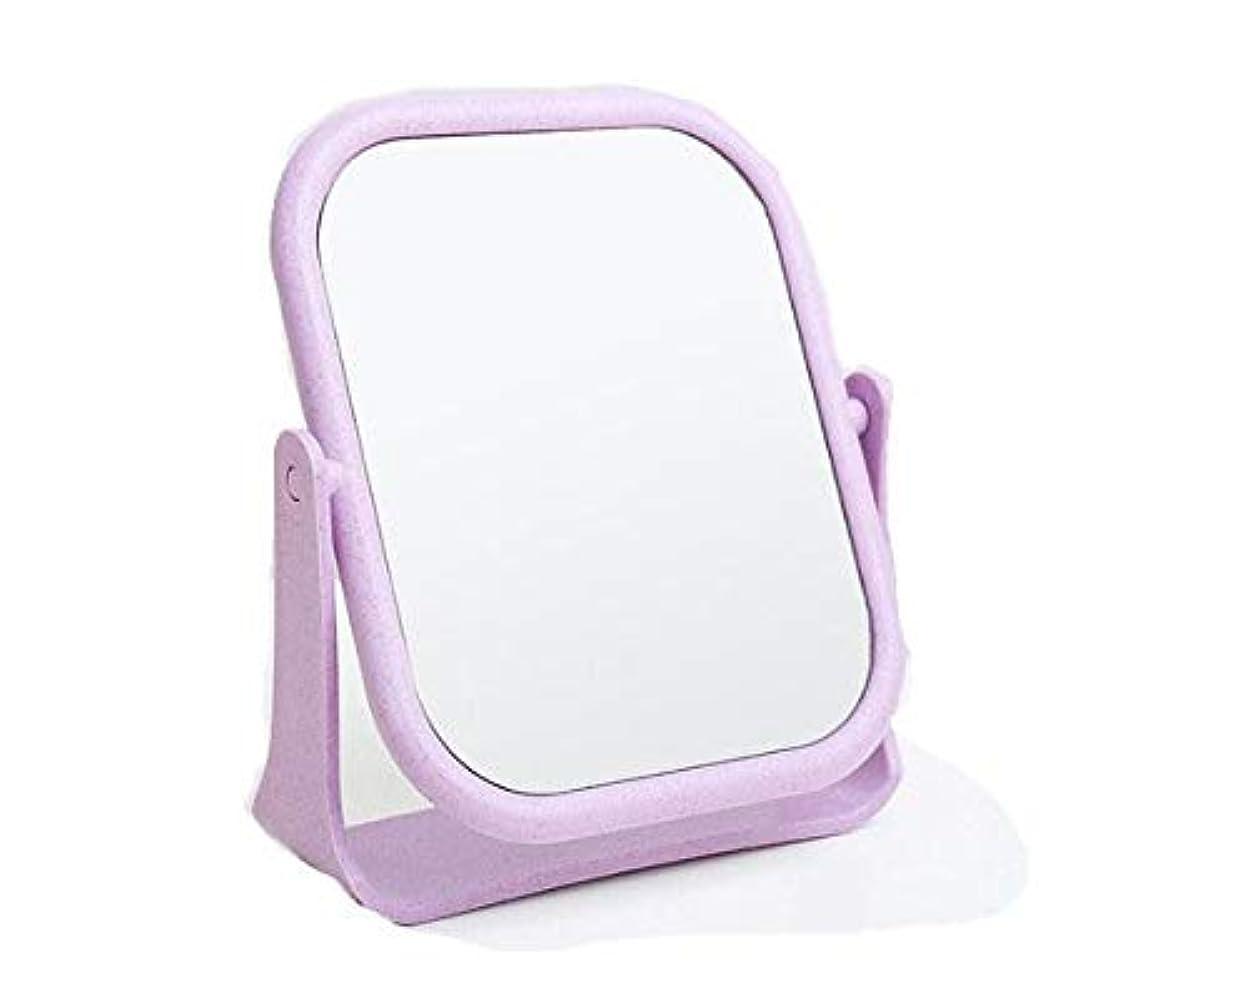 眩惑する評価するペック化粧鏡、回転式HD両面デスクトップ化粧鏡化粧ギフト